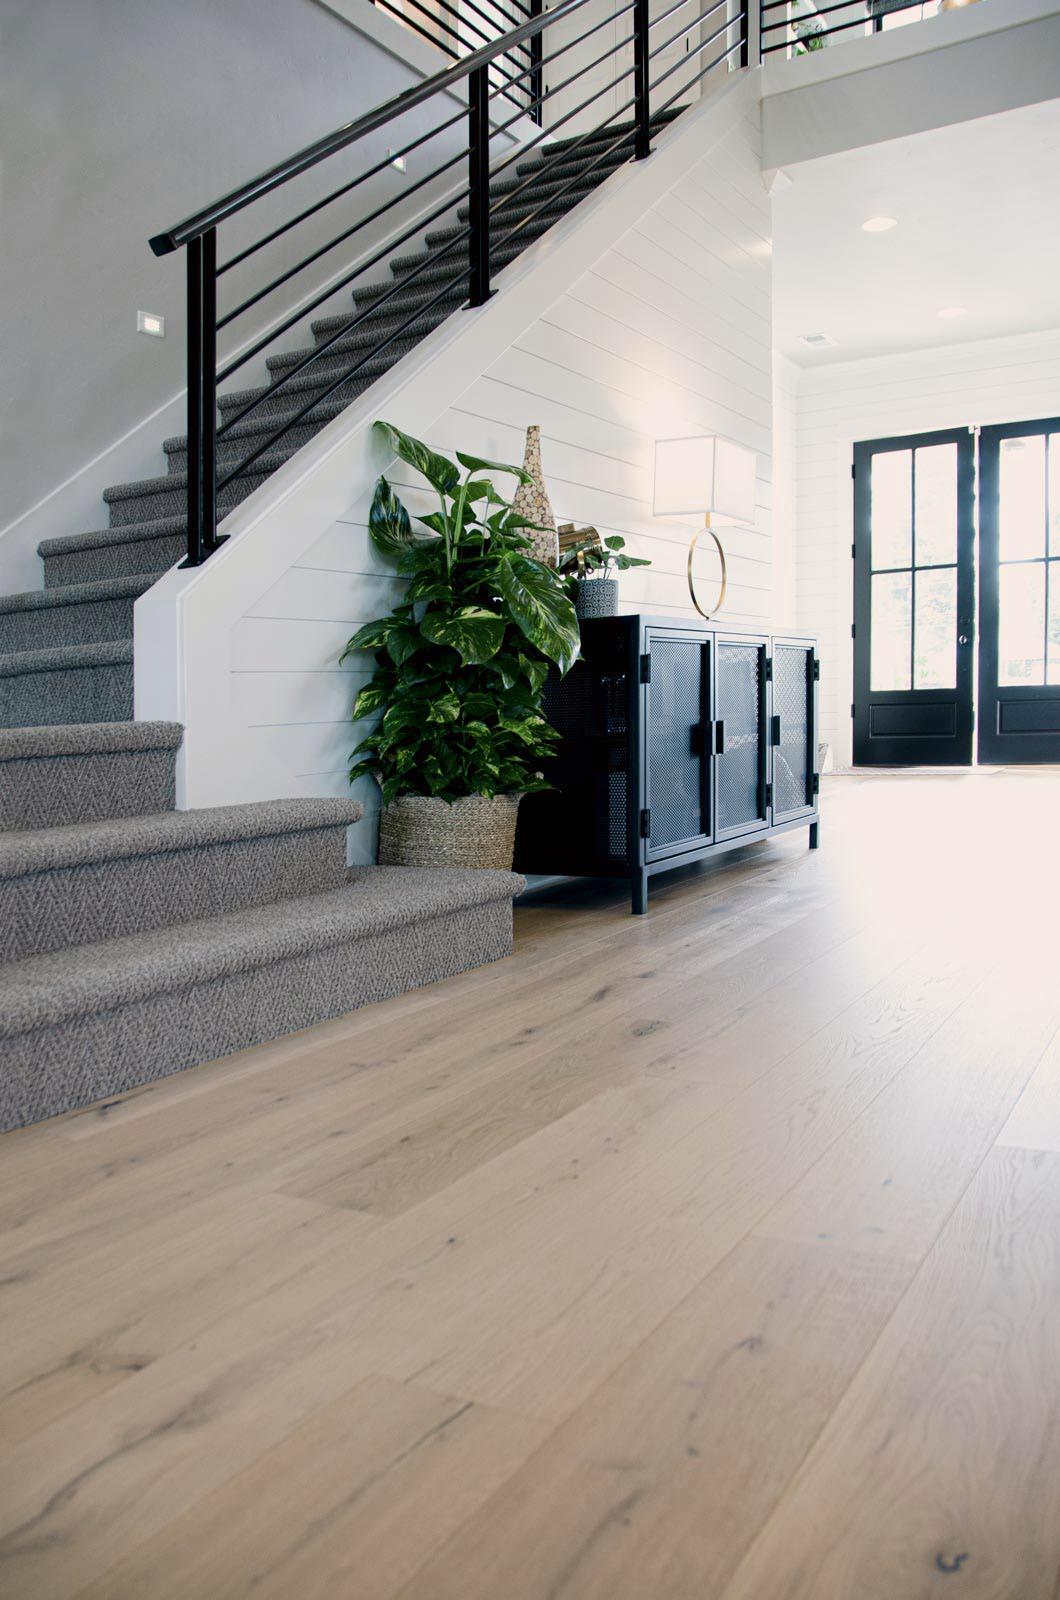 Champagne Allwood Engineered Hardwood Flooring